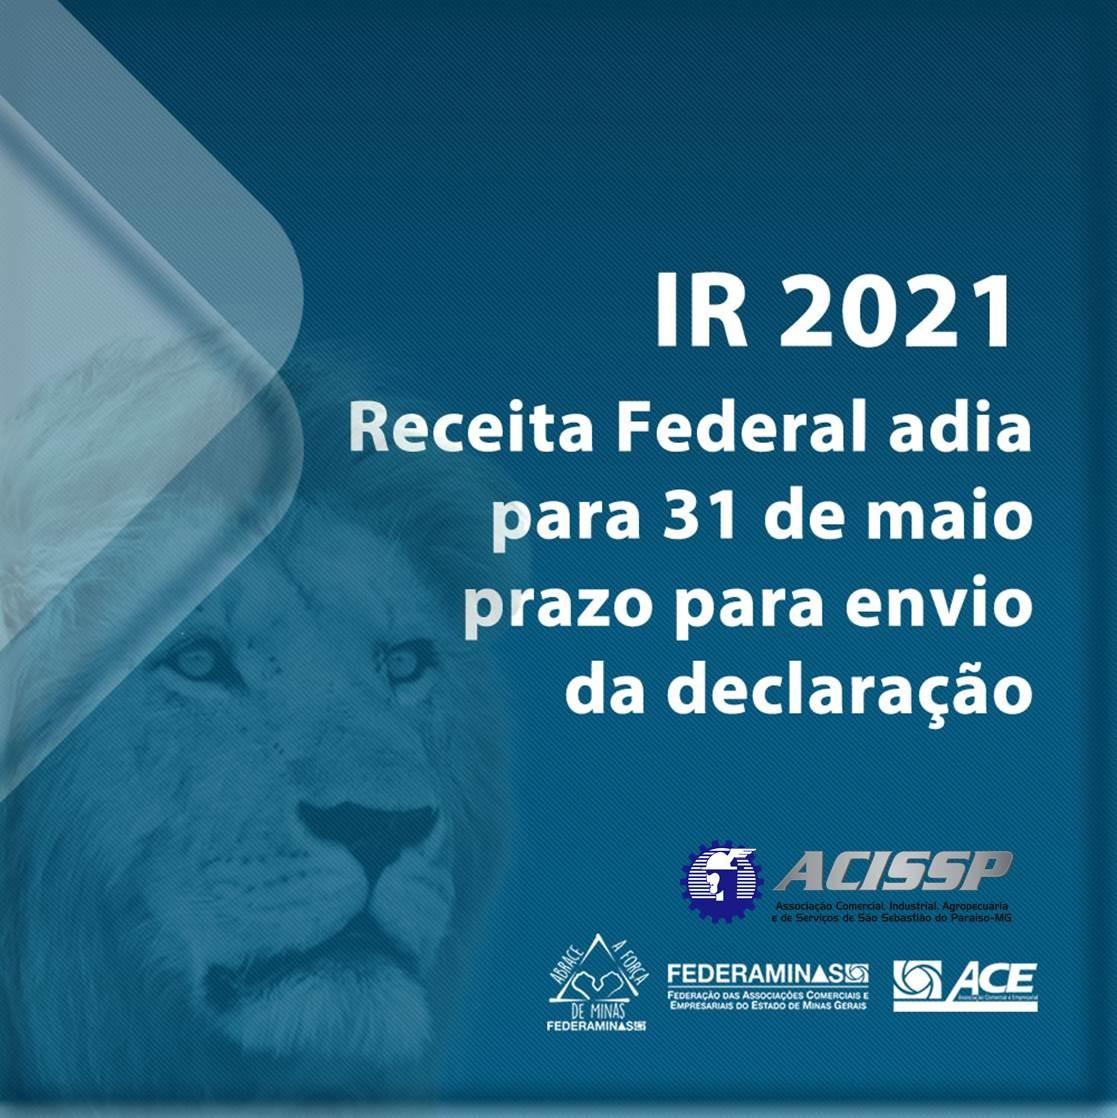 IR 2021: Receita Federal adia para 31 de maio prazo para envio da declaração